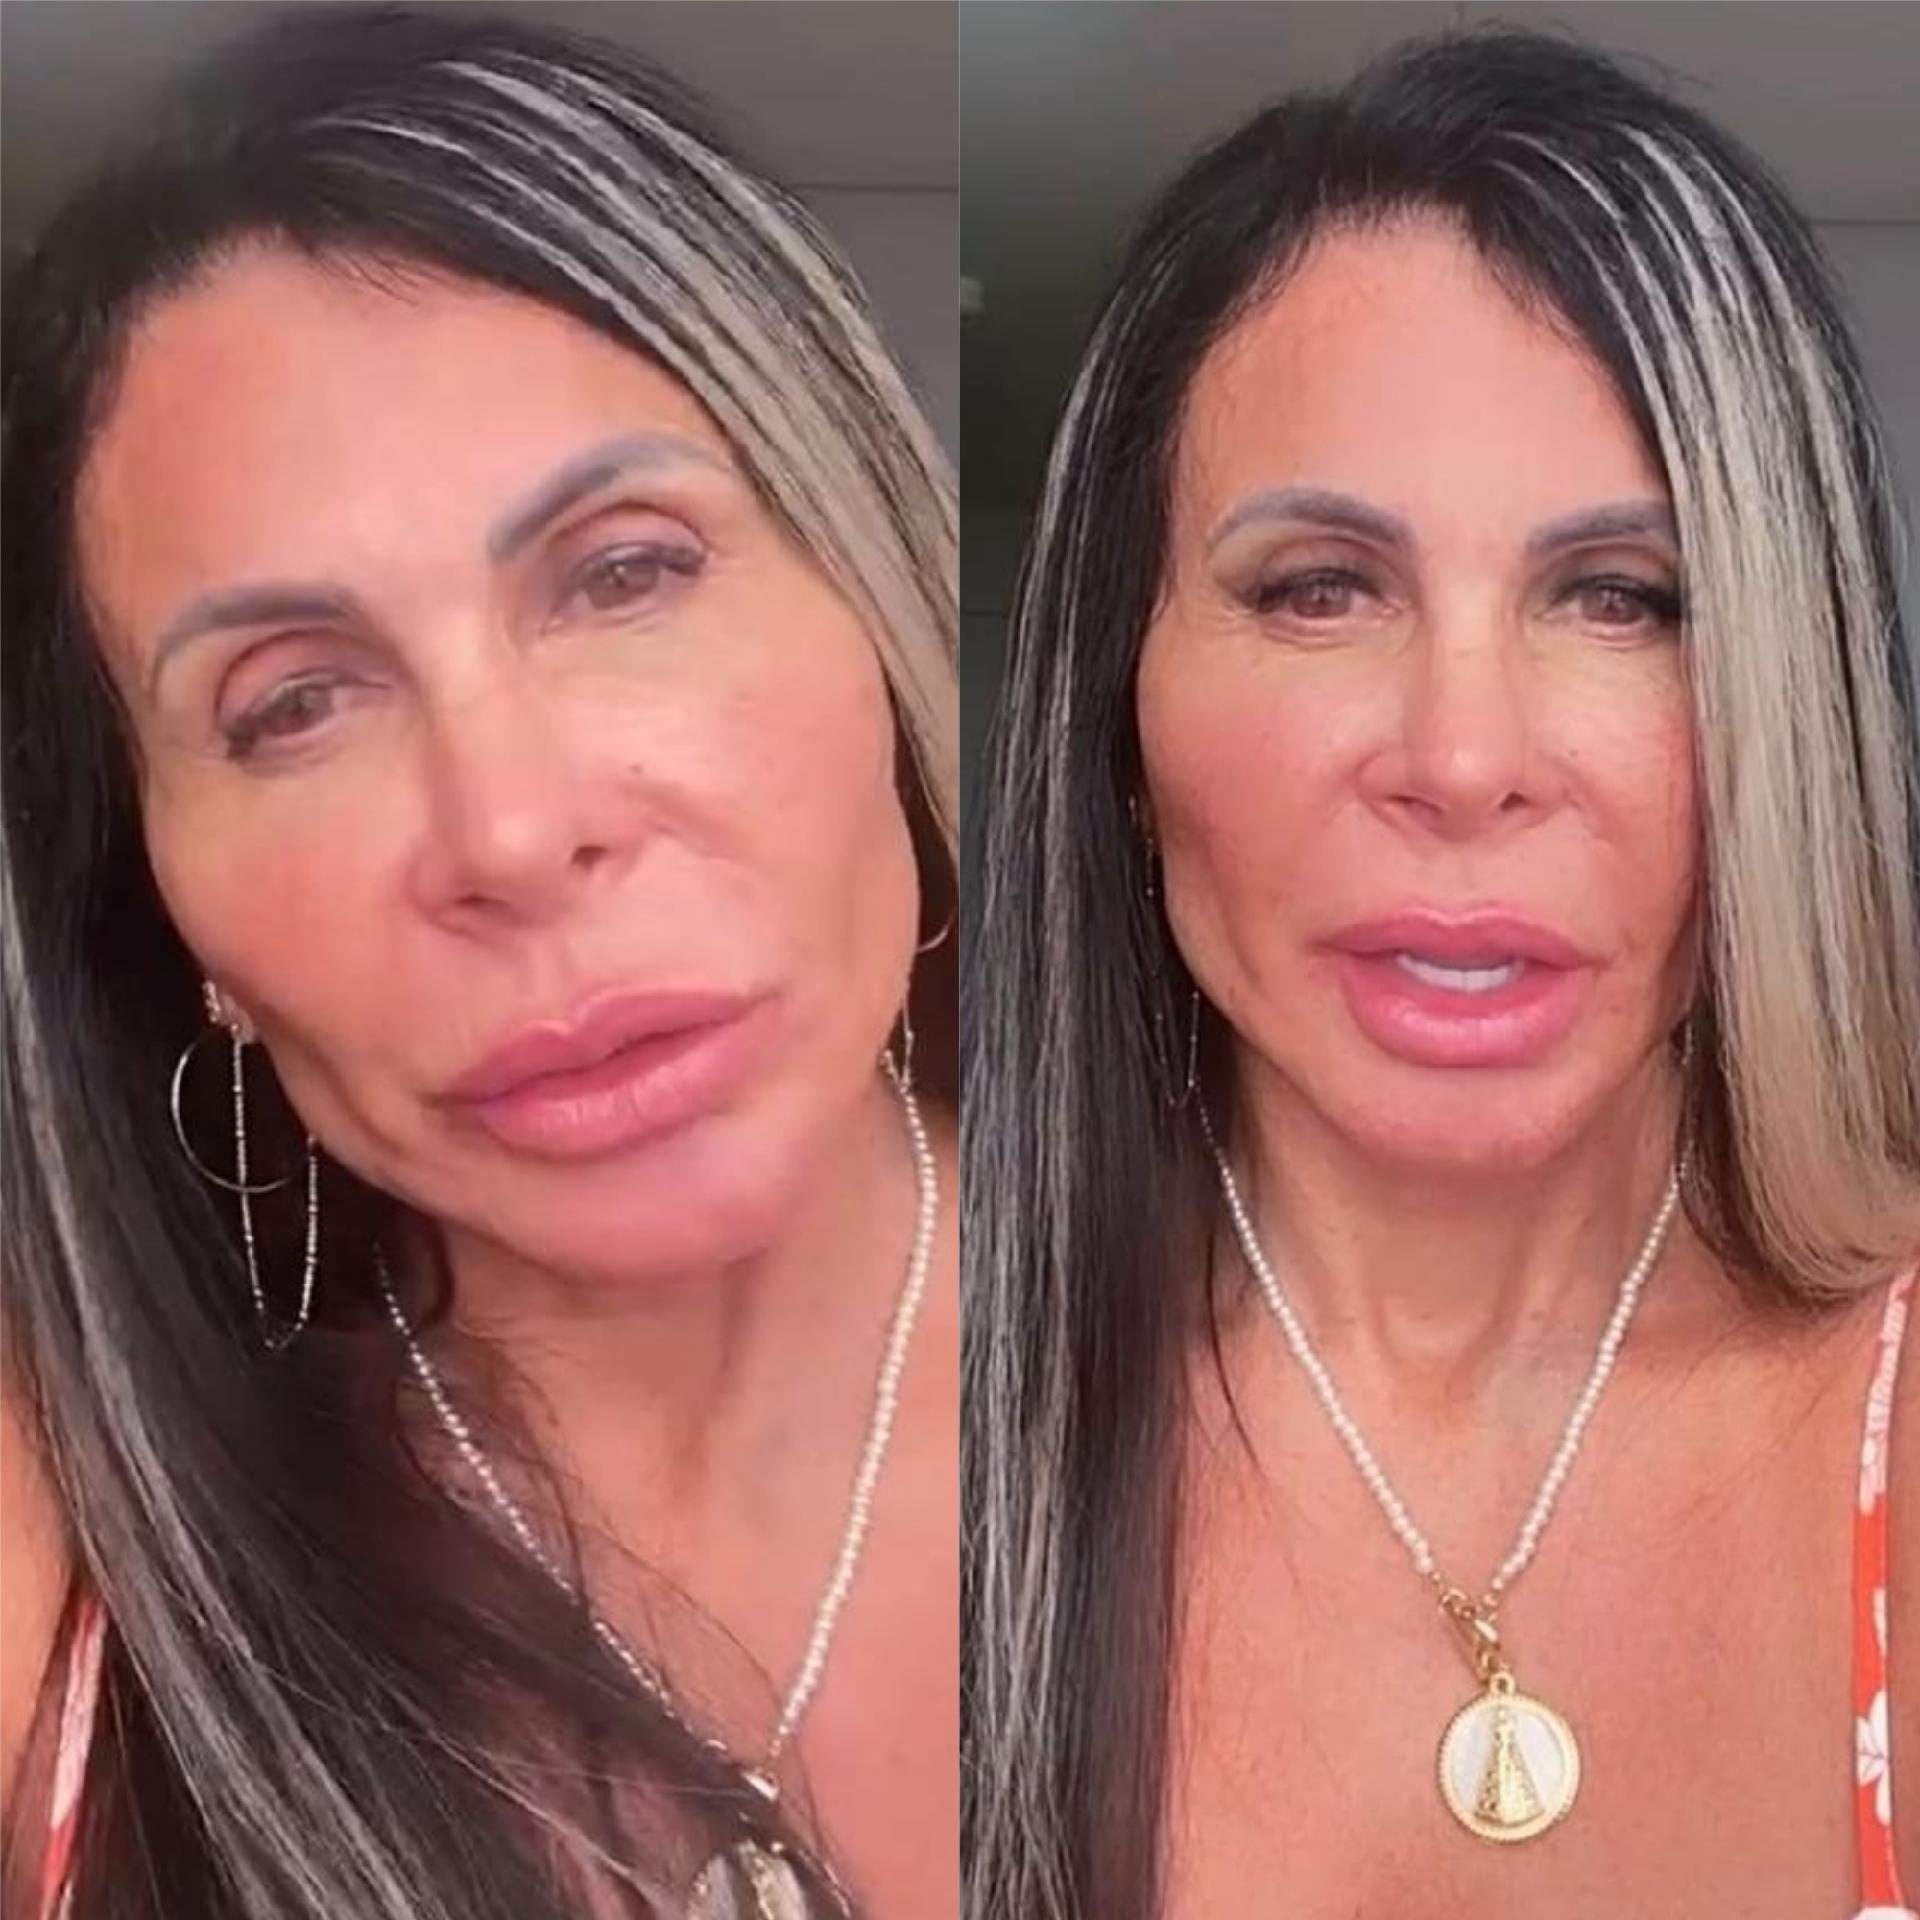 Gretchen mostra rosto uma semana após harmonização facial